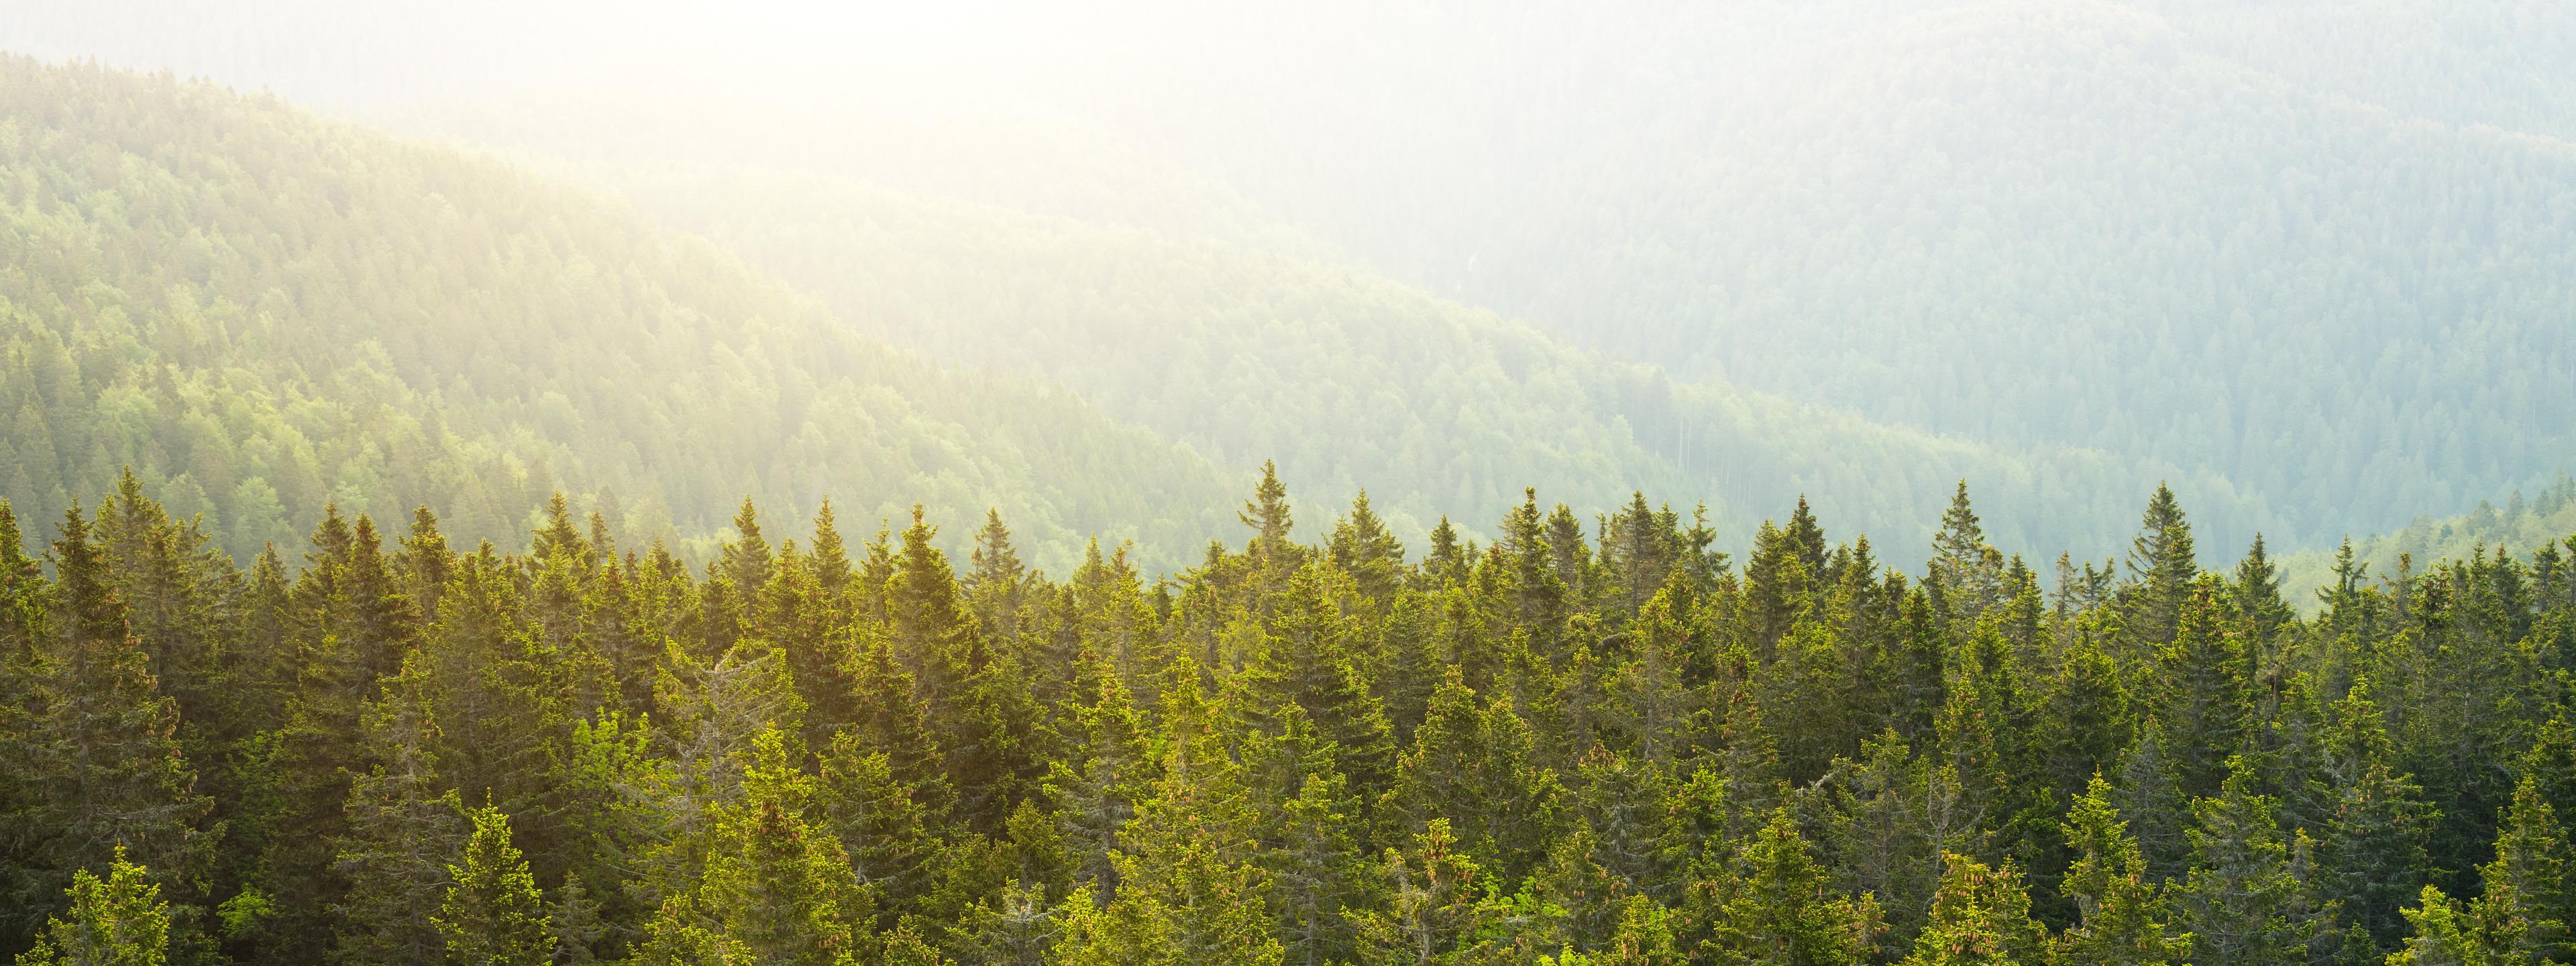 BRITA Nachhaltigkeit Wasserfall grüne Wiese